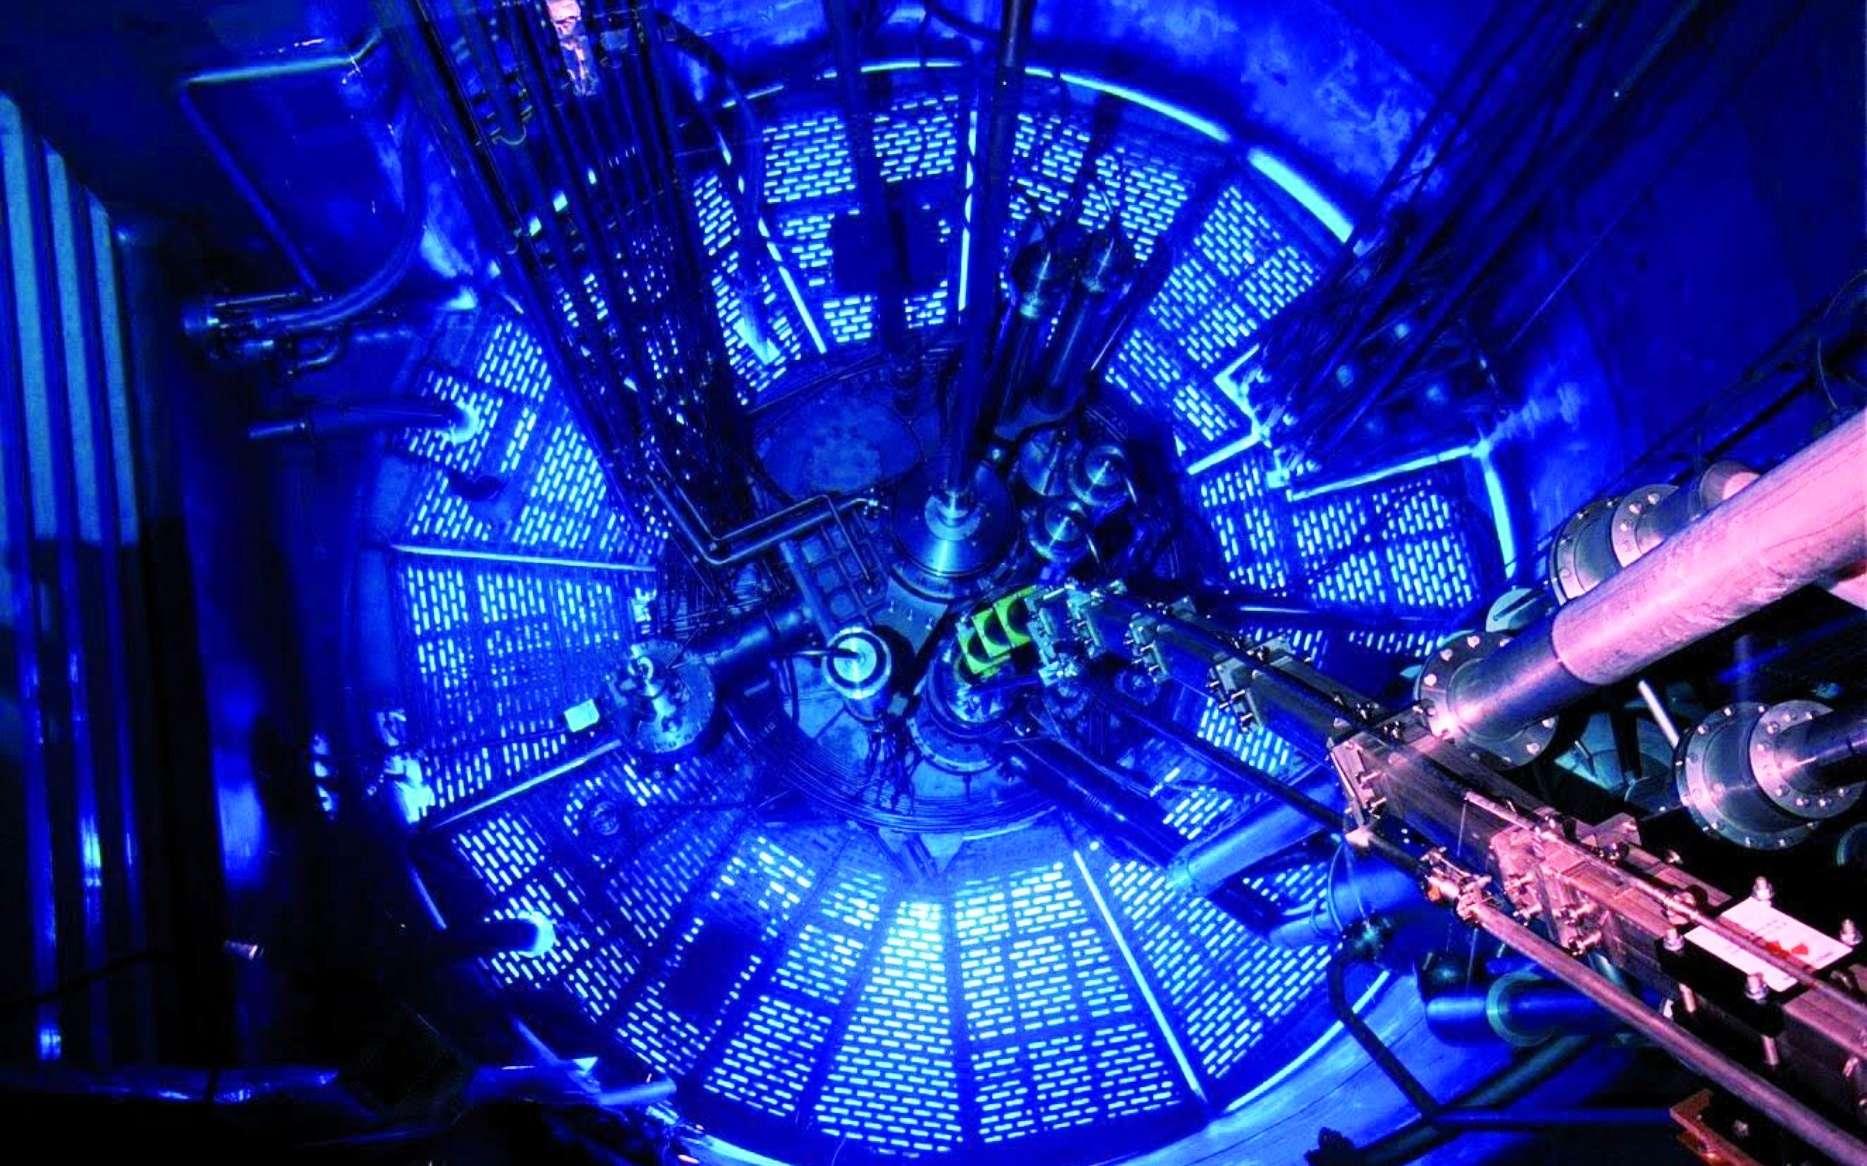 Des neutrons pour chercher des univers parallles